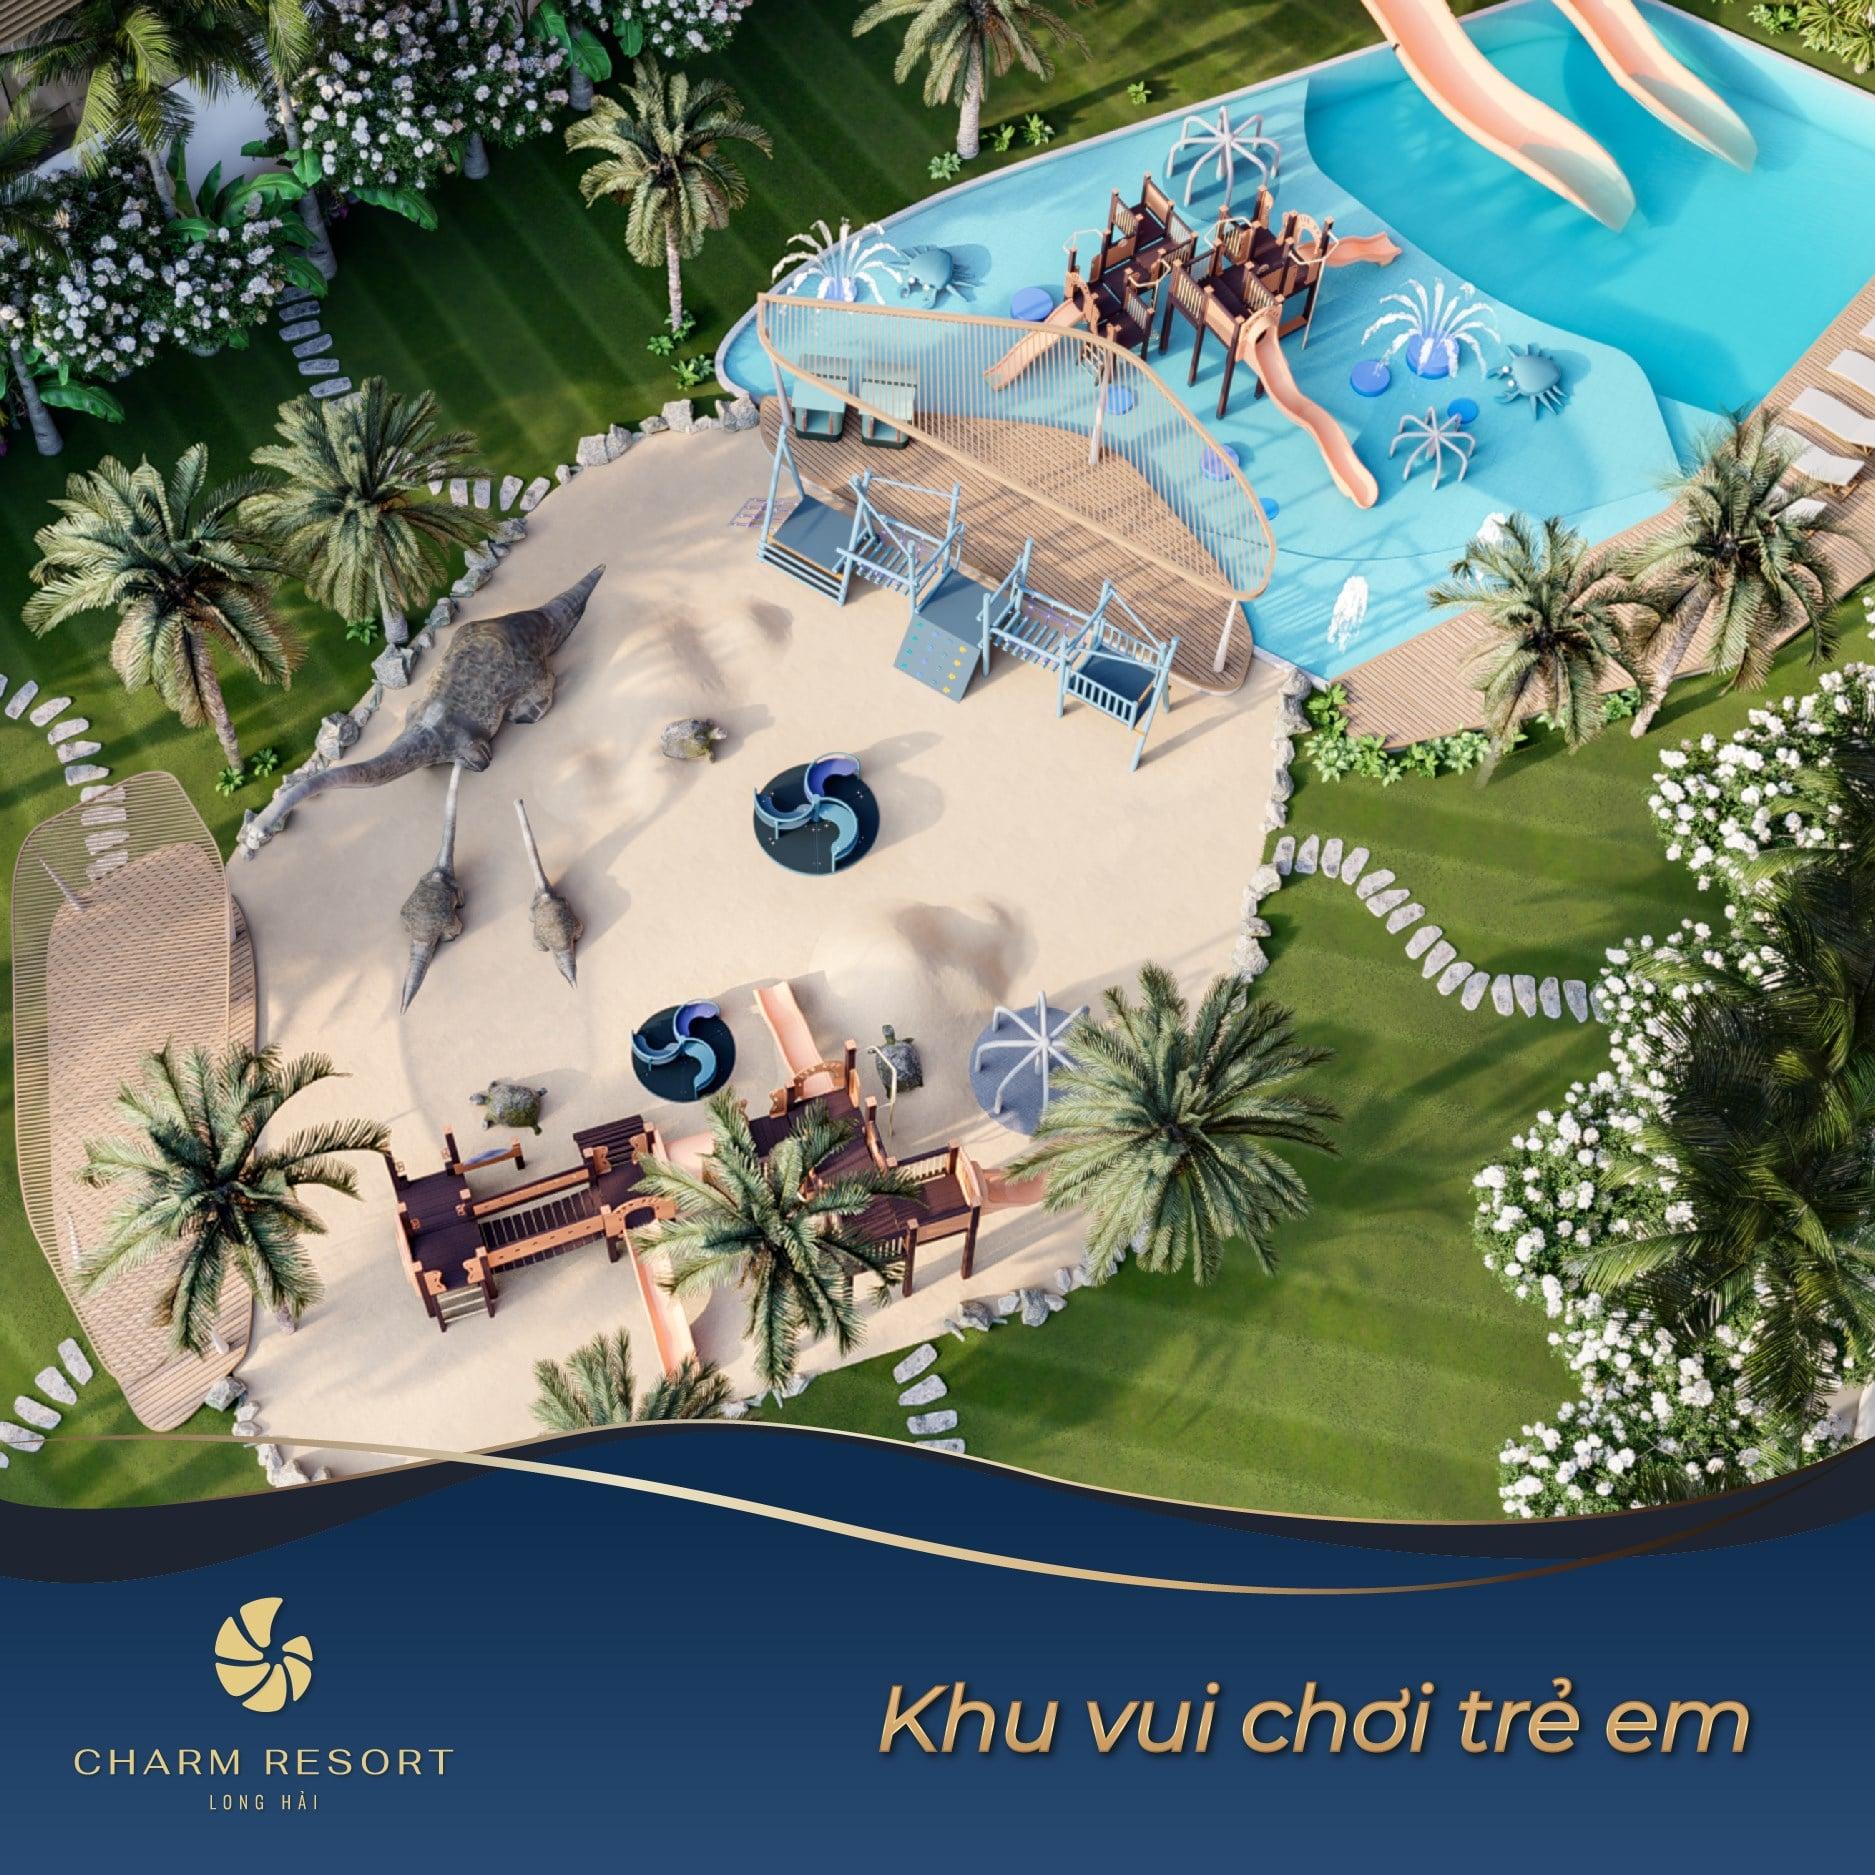 khu-vui-choi-tre-em-charm-resort-long-hai